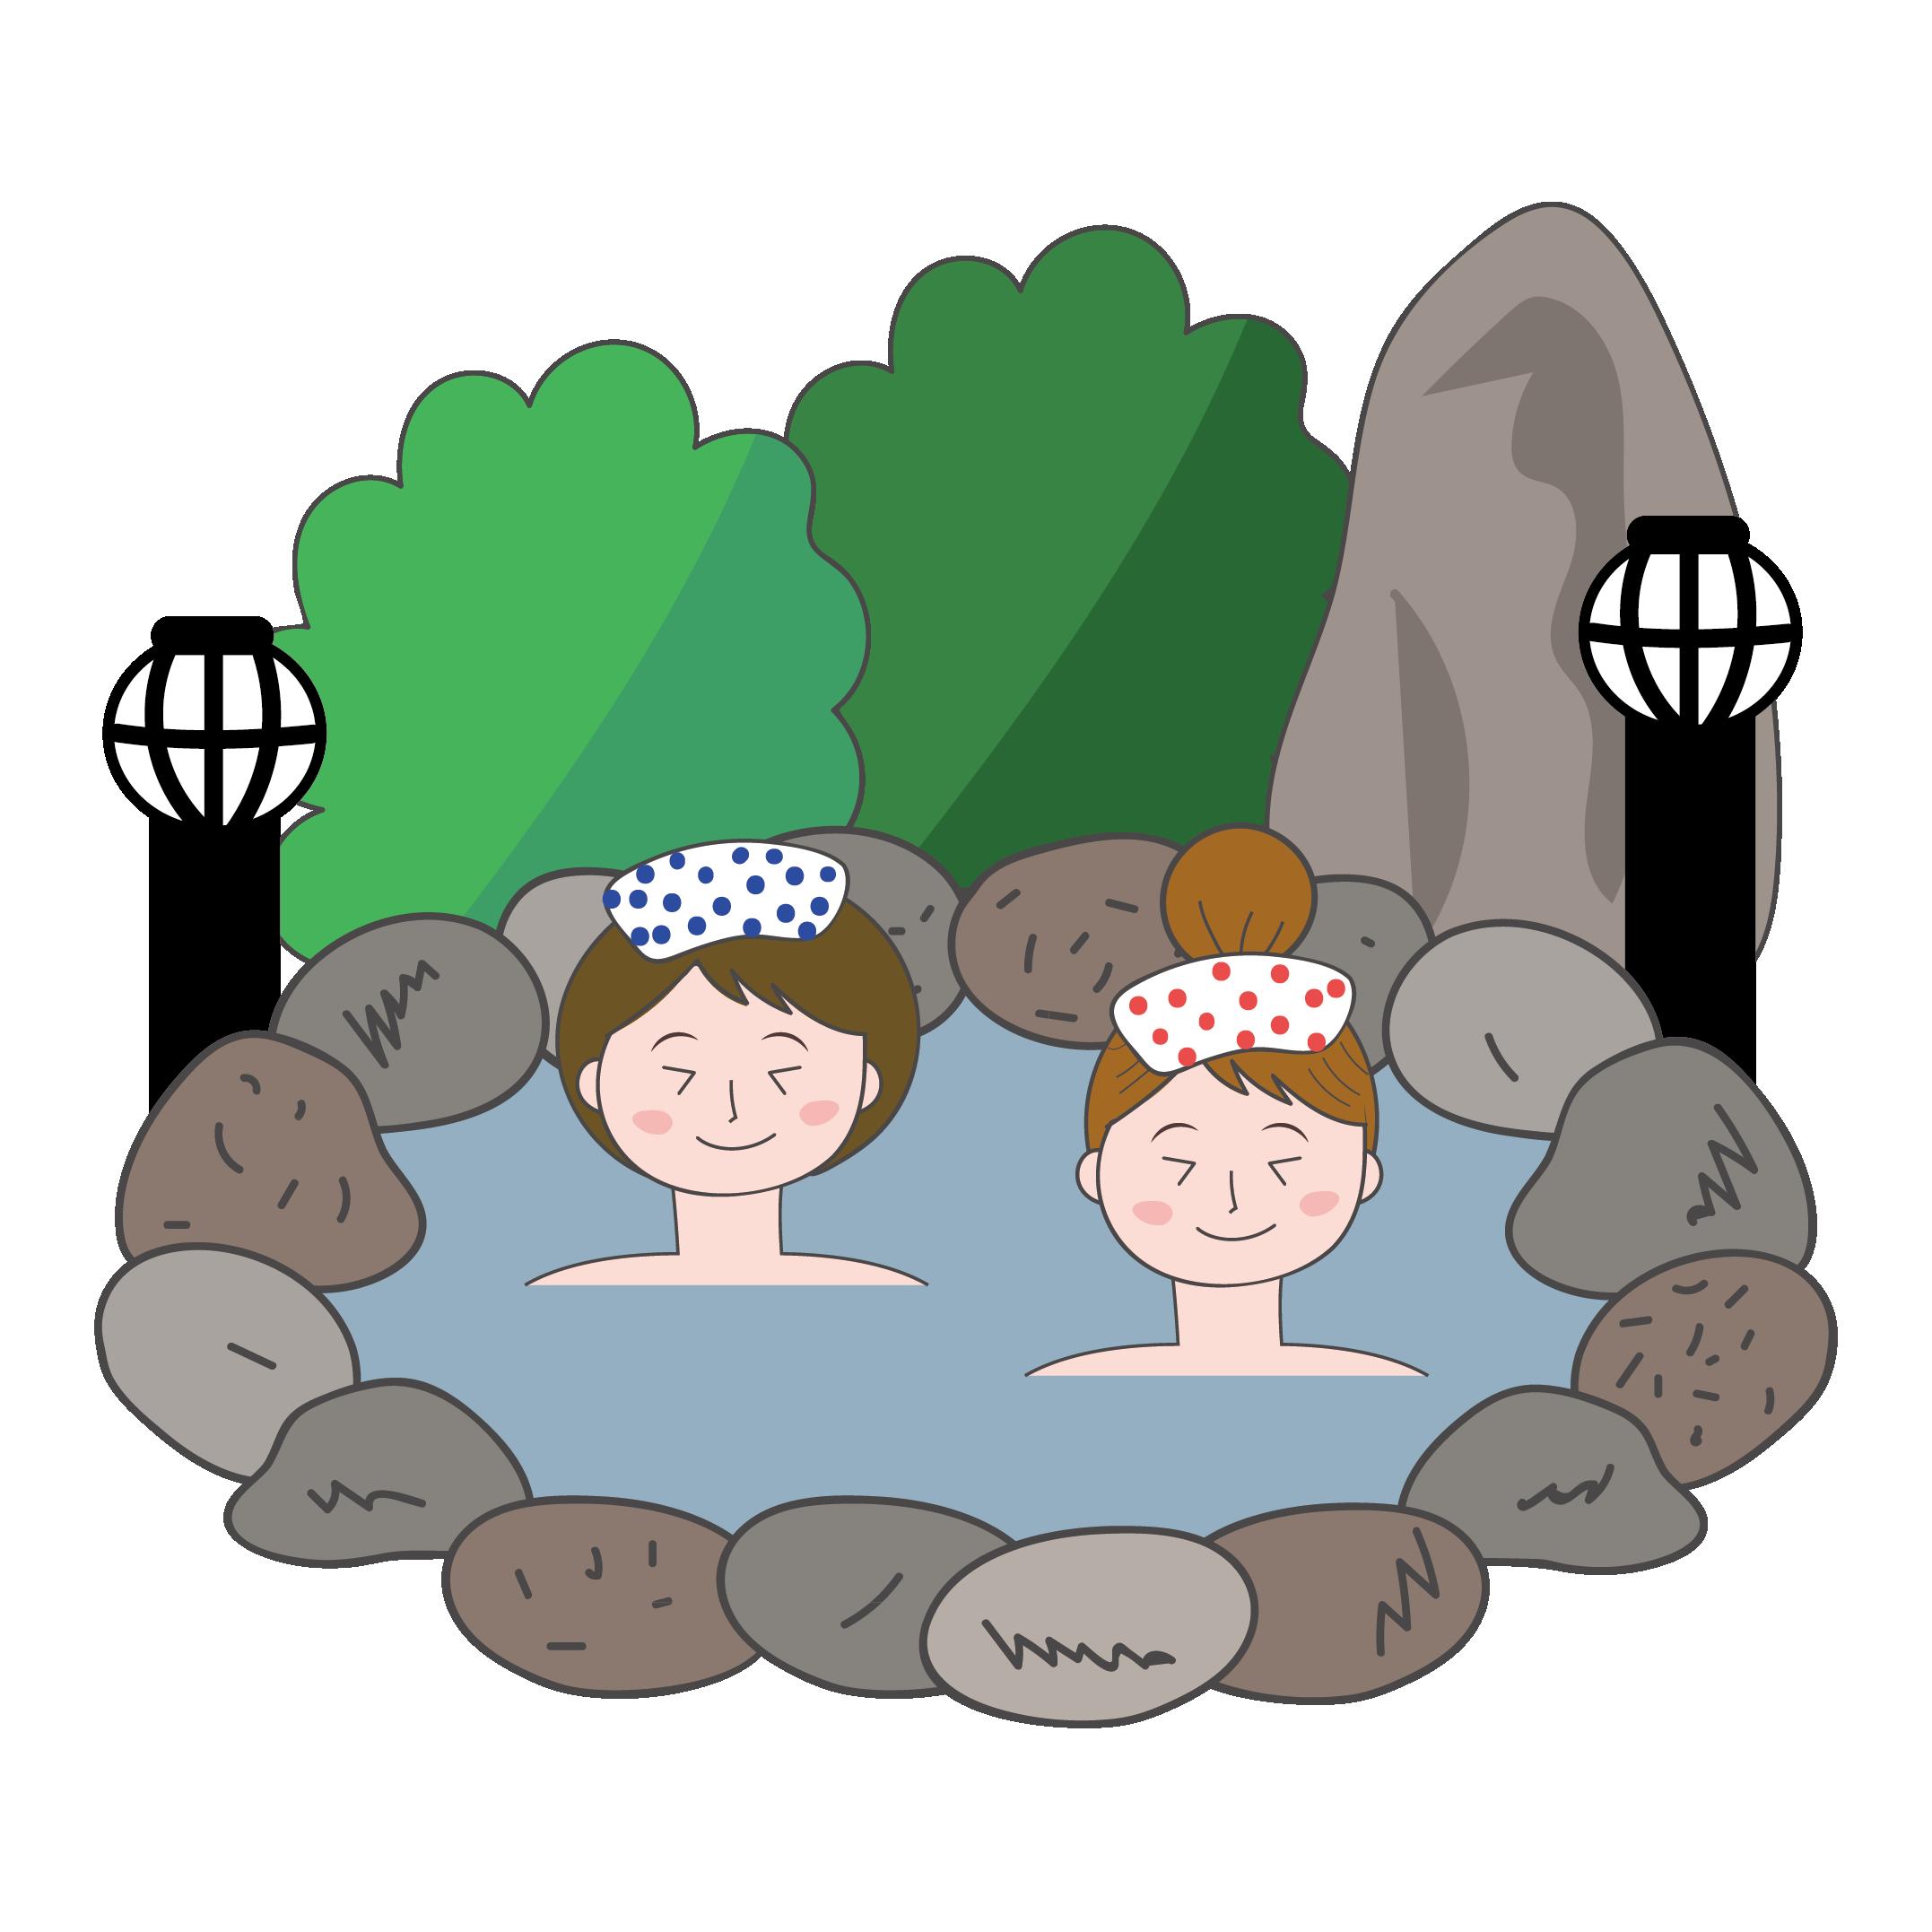 温泉温泉旅行 イラスト女性が温泉でのんびり 商用フリー